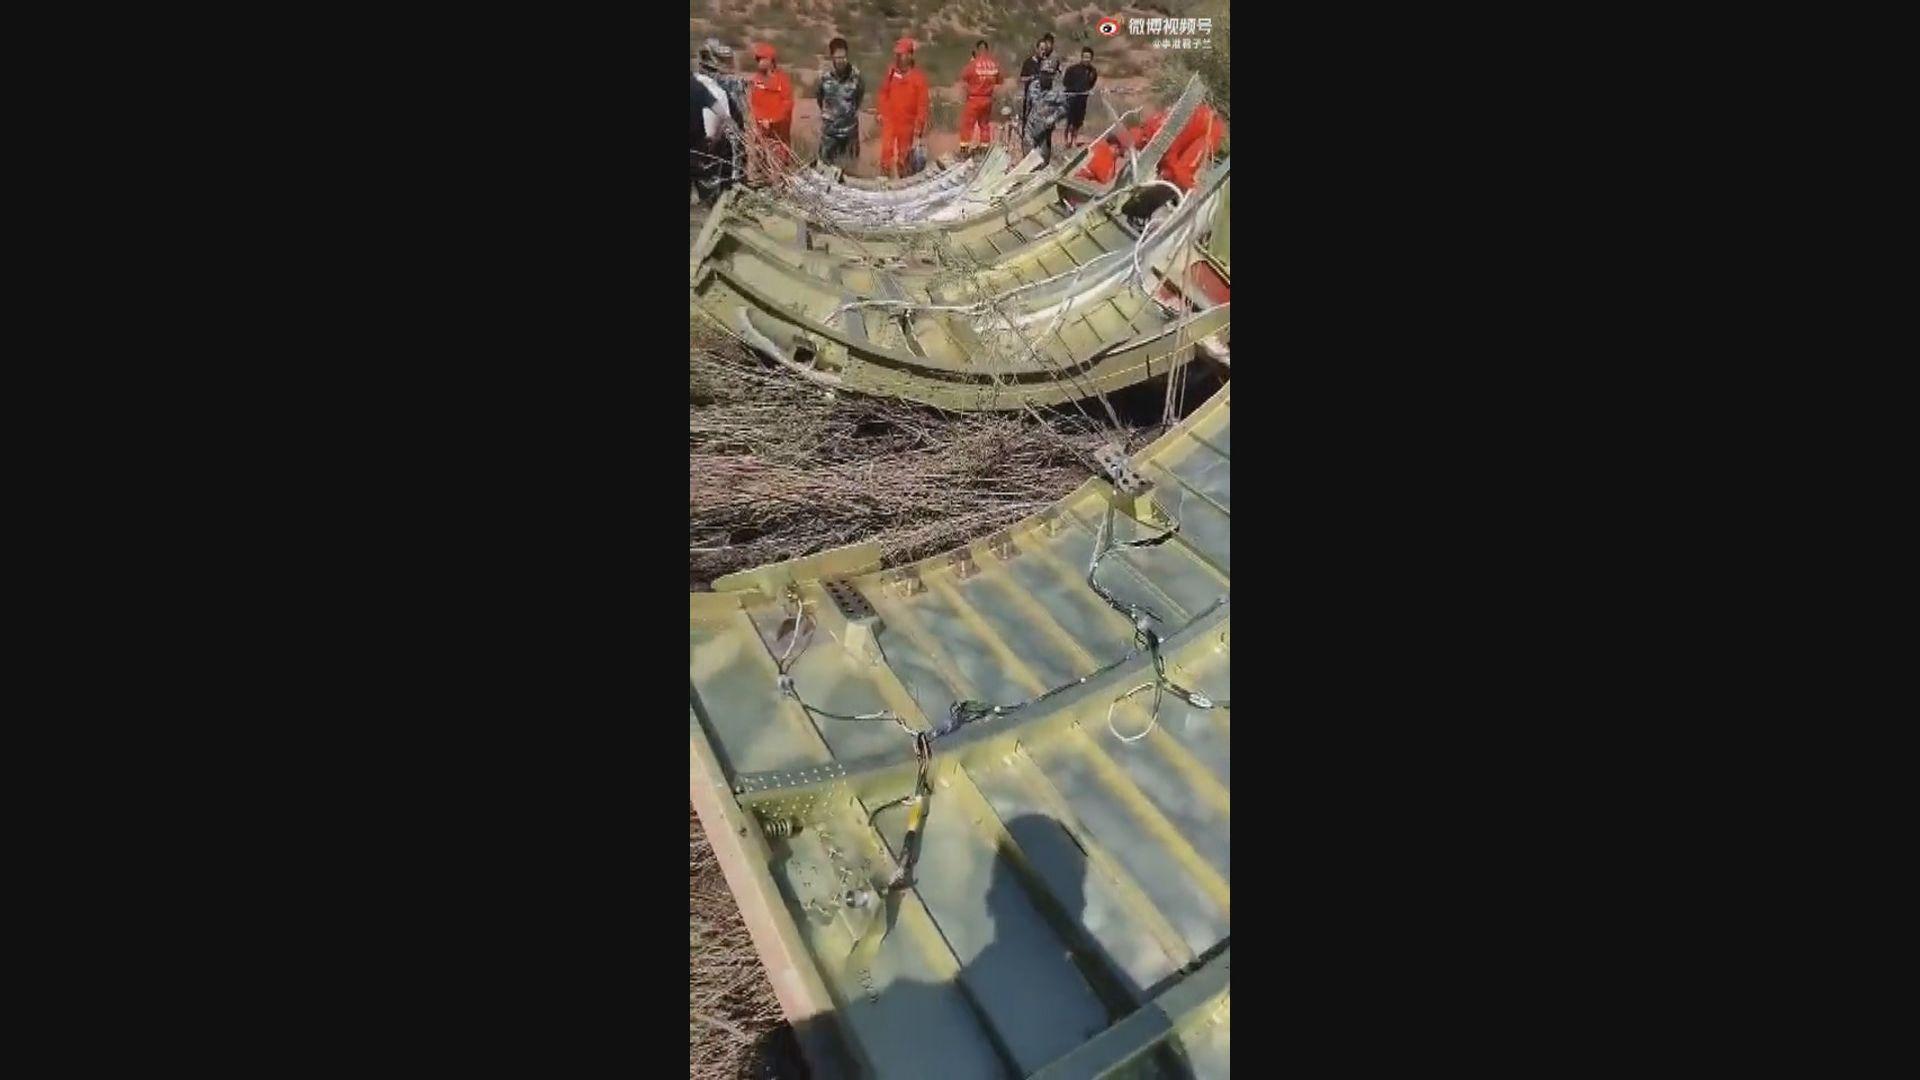 神舟十二號整流罩落入陝西境內